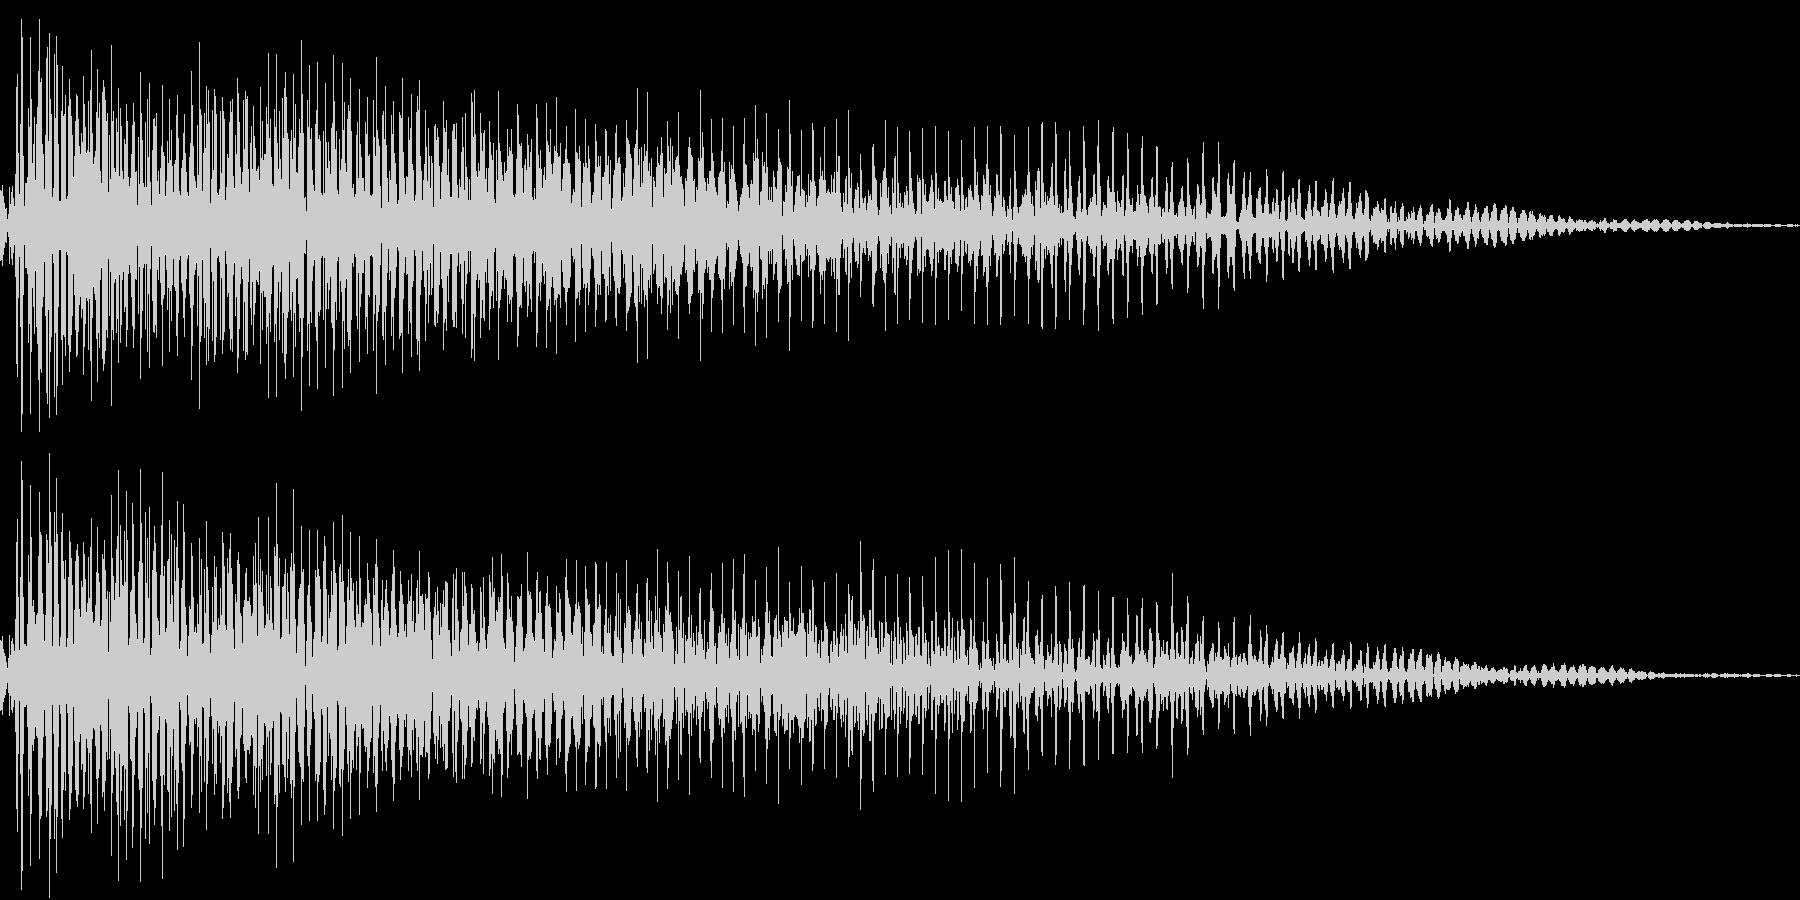 InvaderBuzz 発砲音 7の未再生の波形